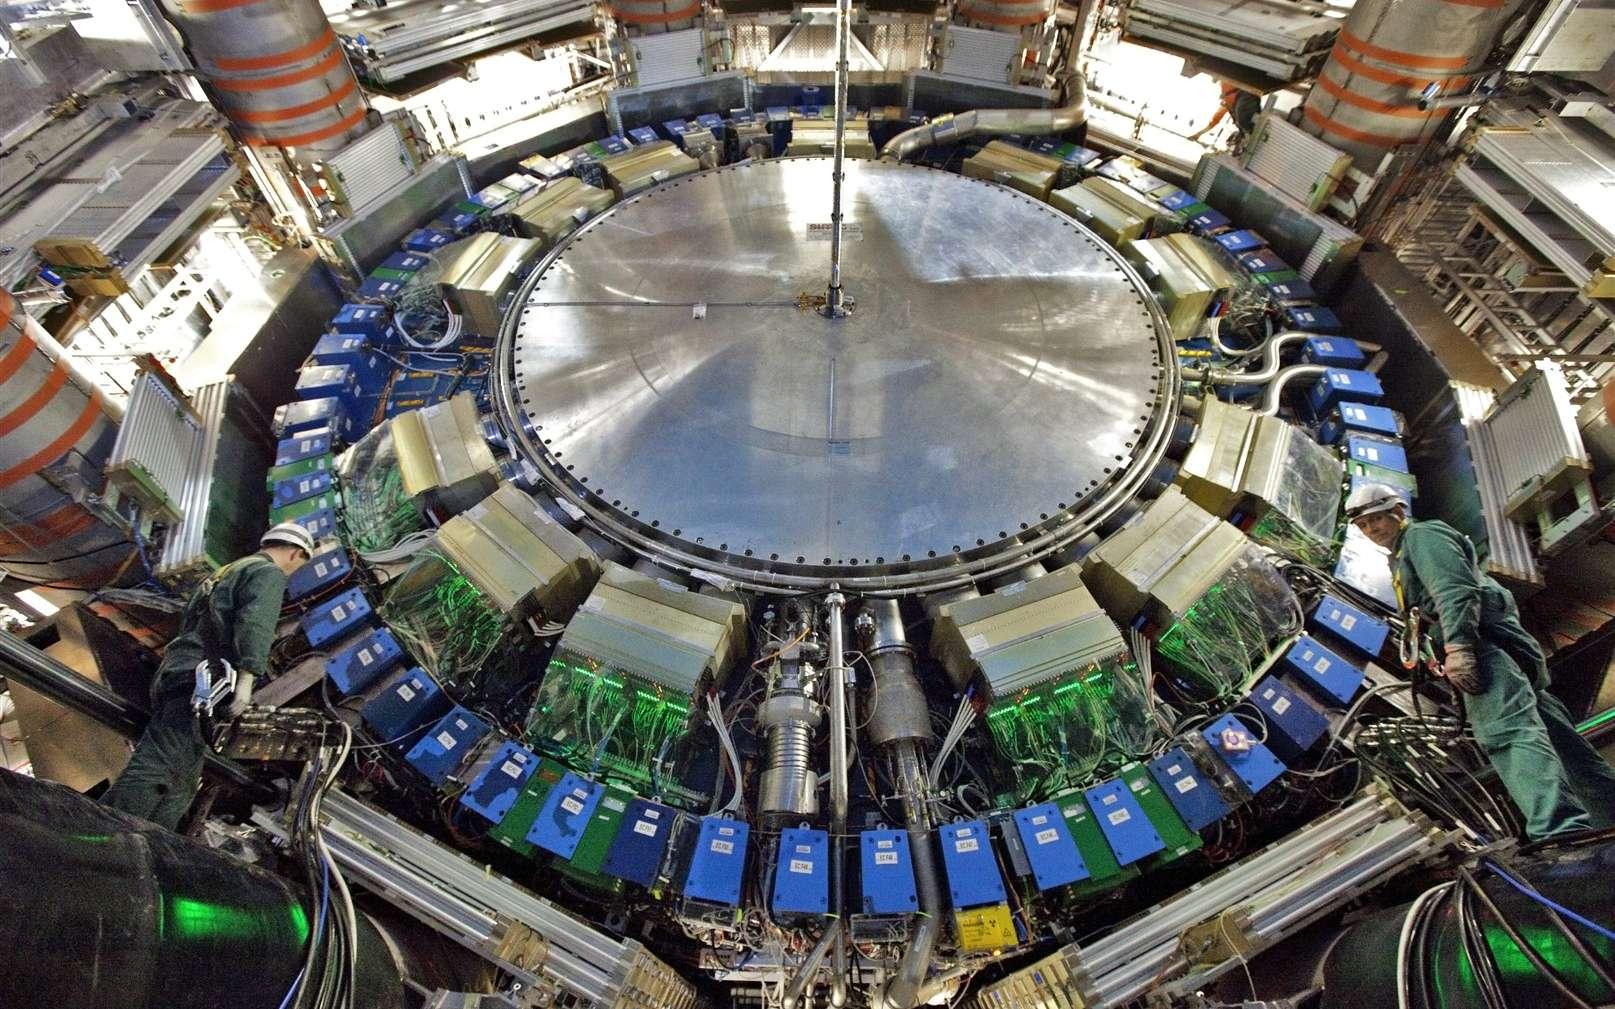 Des ingénieurs travaillant dans la caverne expérimentale d'Atlas durant l'arrêt technique planifié du LHC, en janvier 2011. © Cern, Claudia Marcelloni